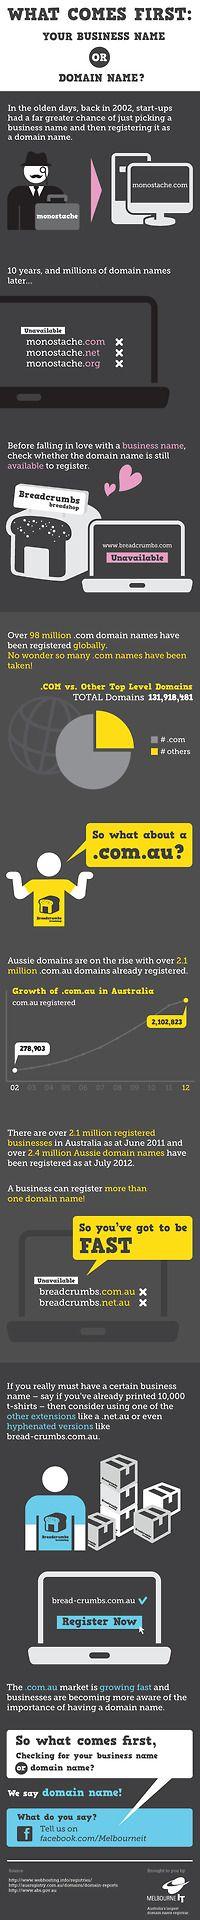 ¿Qué debo registrar primero el nombre de mi negocio o el de mi dominio? (repineado por @AiGmez)